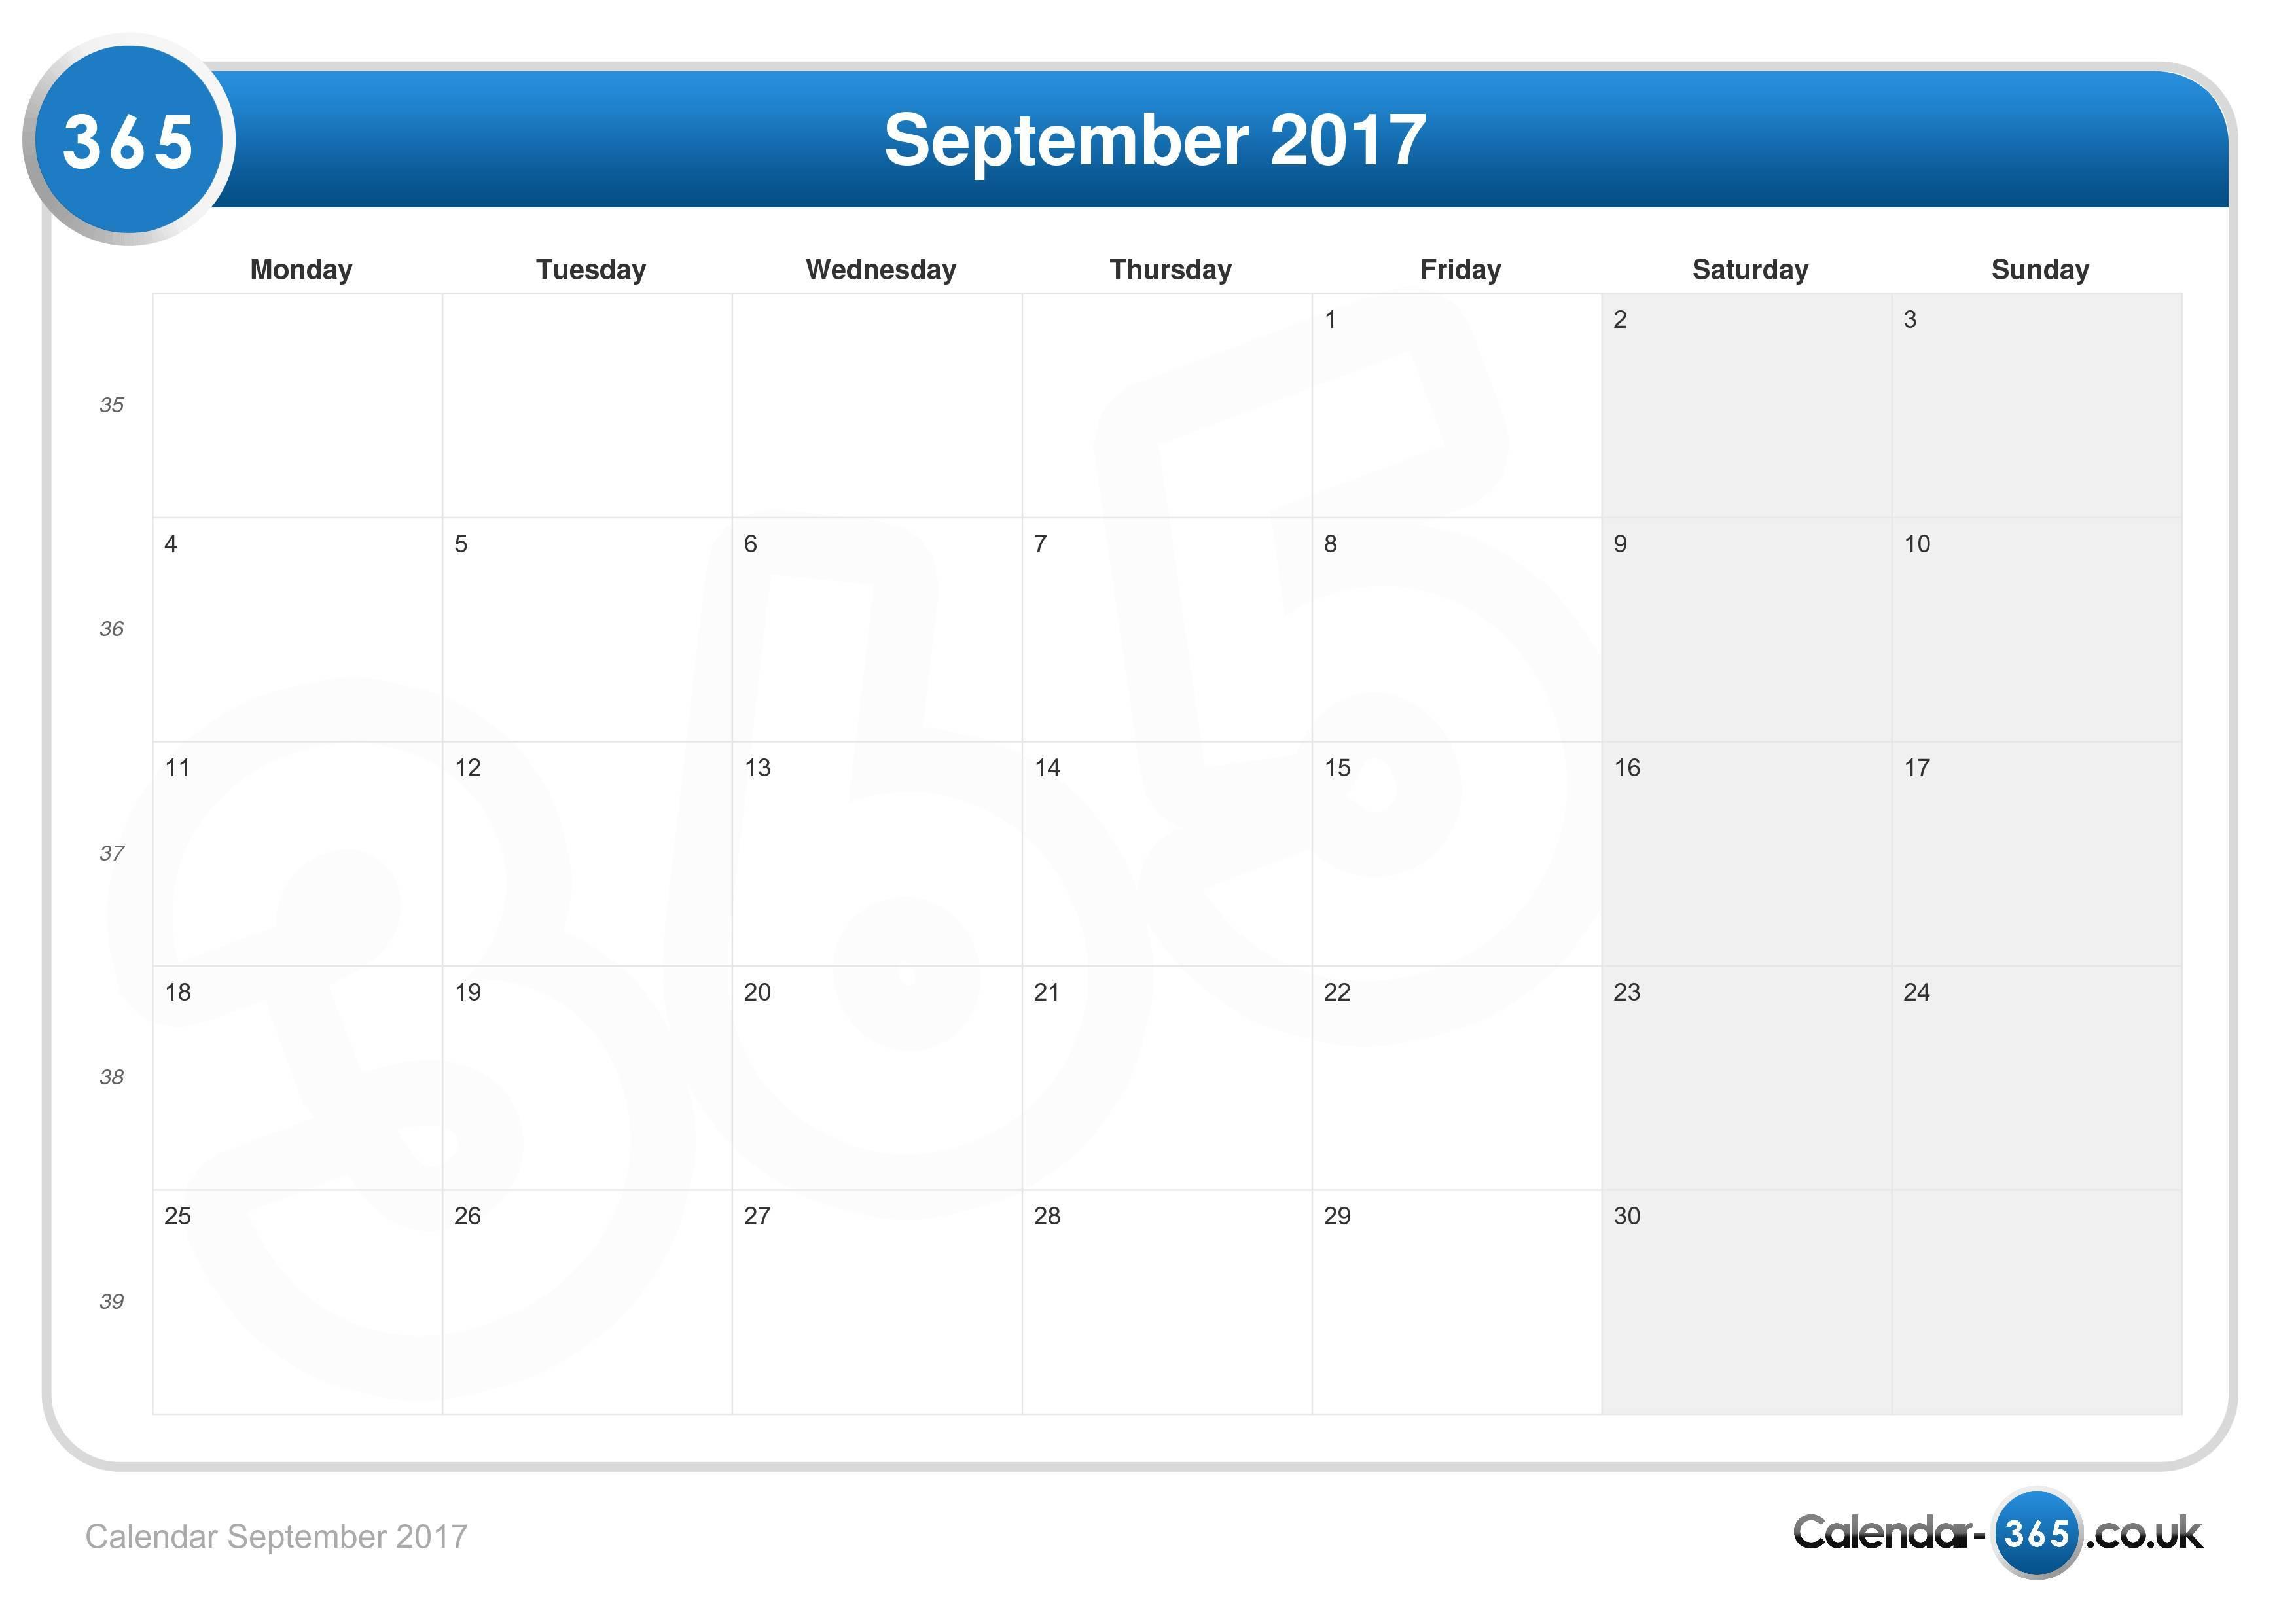 calendar-september-2017.jpg